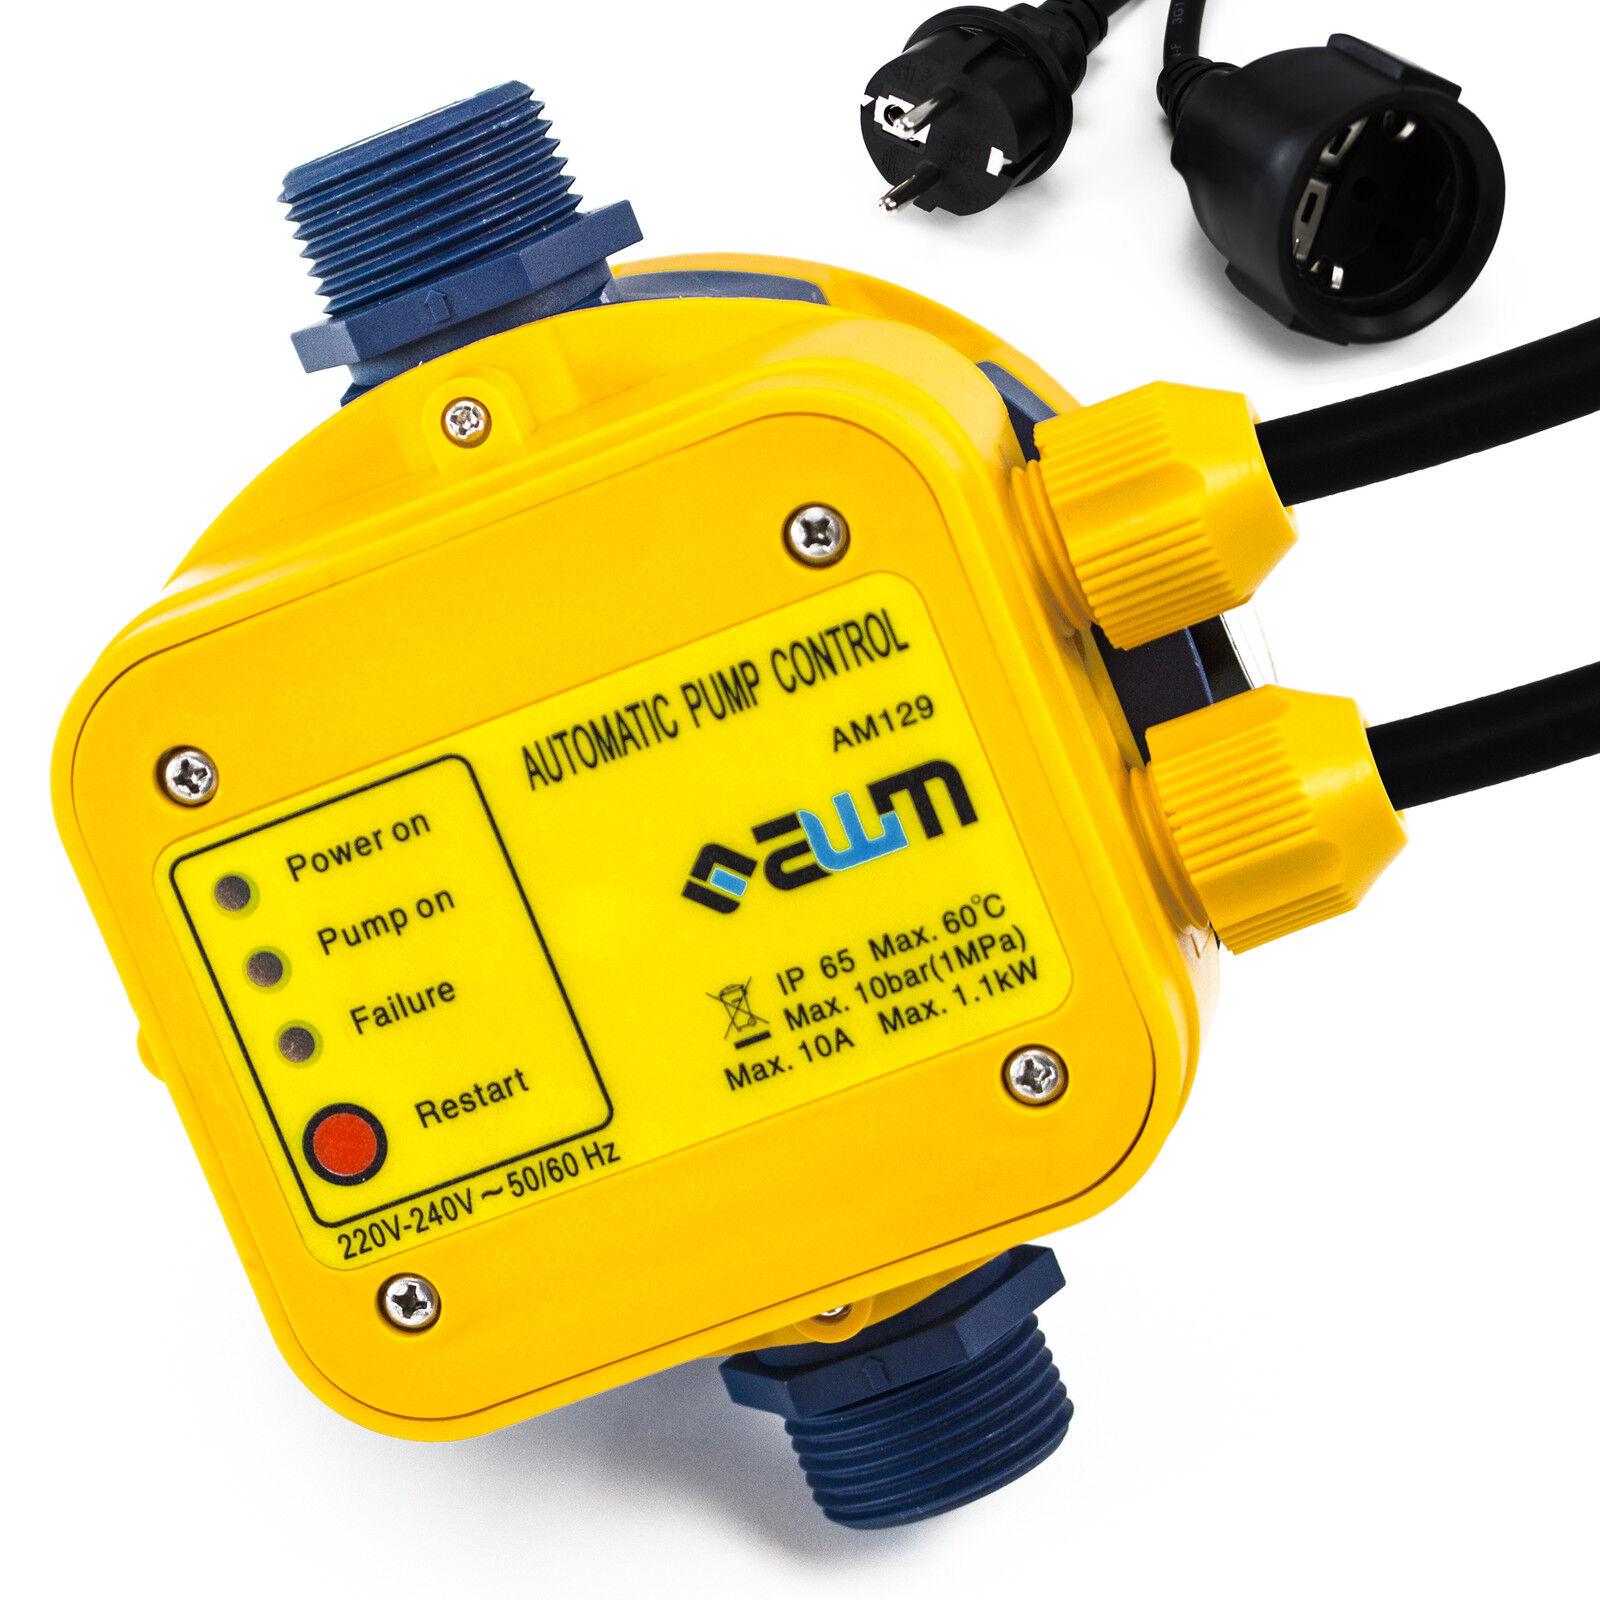 AWM pompe controllo pompe am-129 INTERRUTTORE DI PRESSIONE acqua domestica di regolatore di pressione